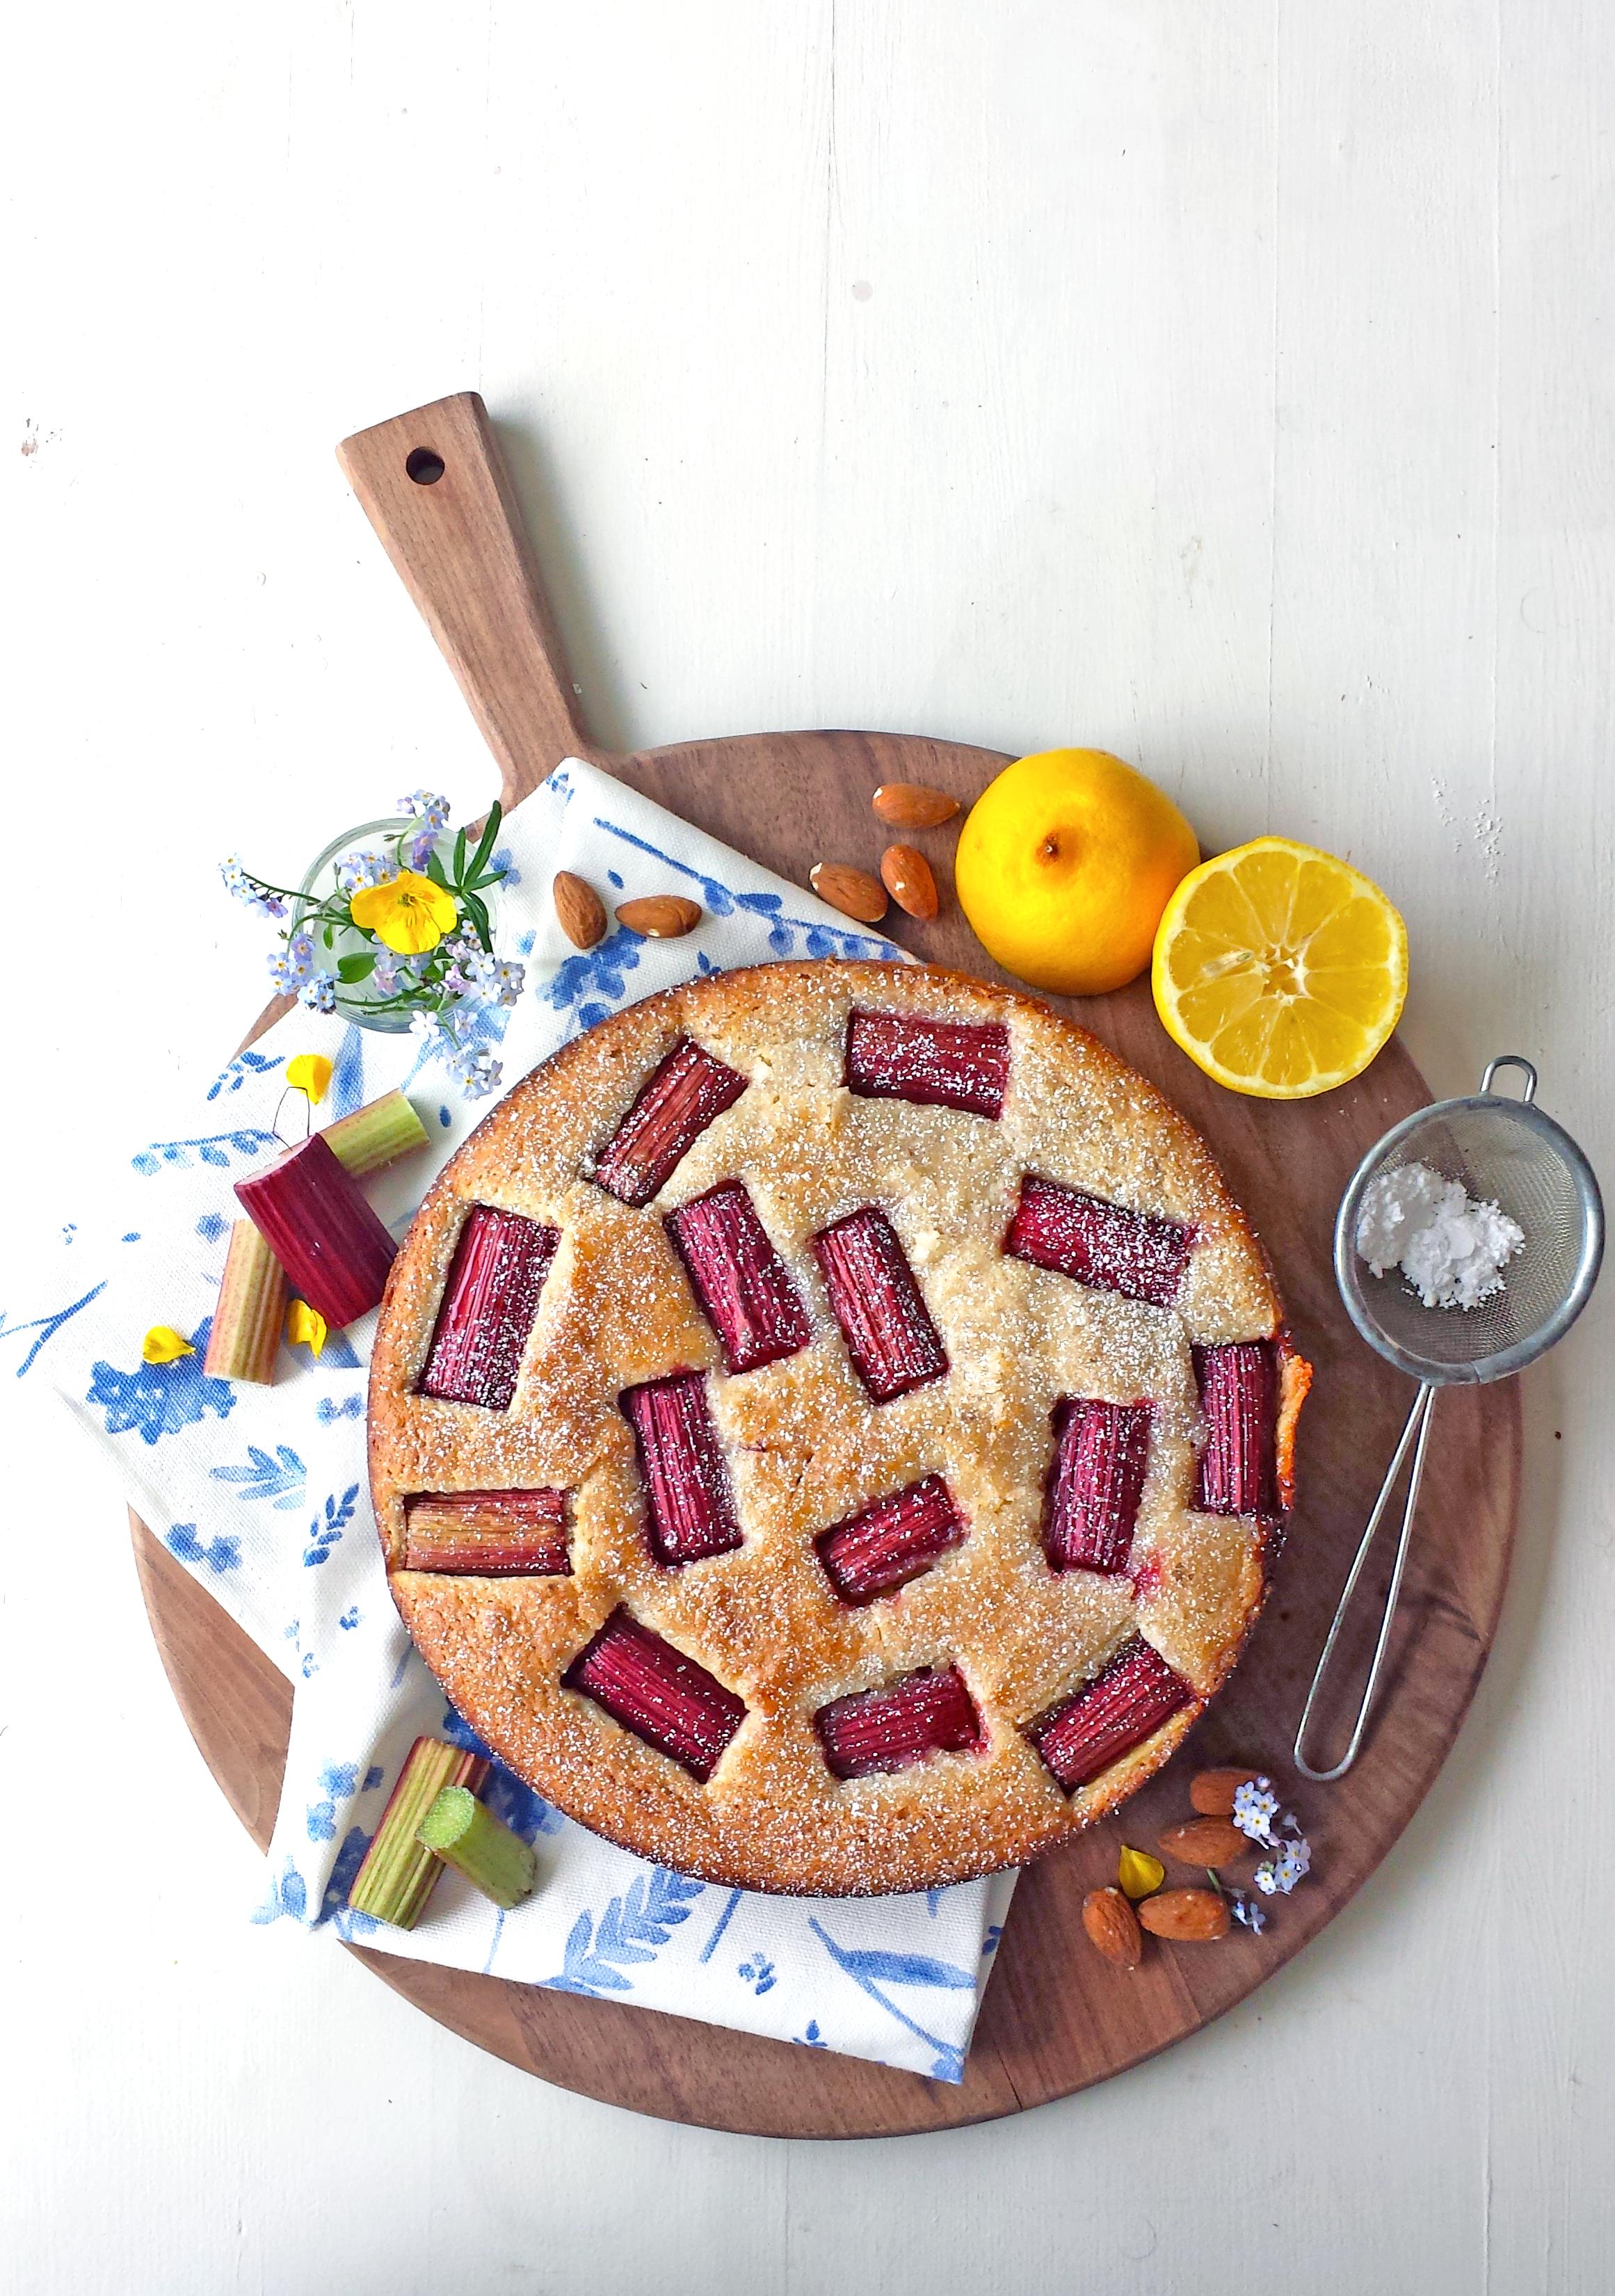 Gâteau moelleux à la rhubarbe, au citron et  aux amandes